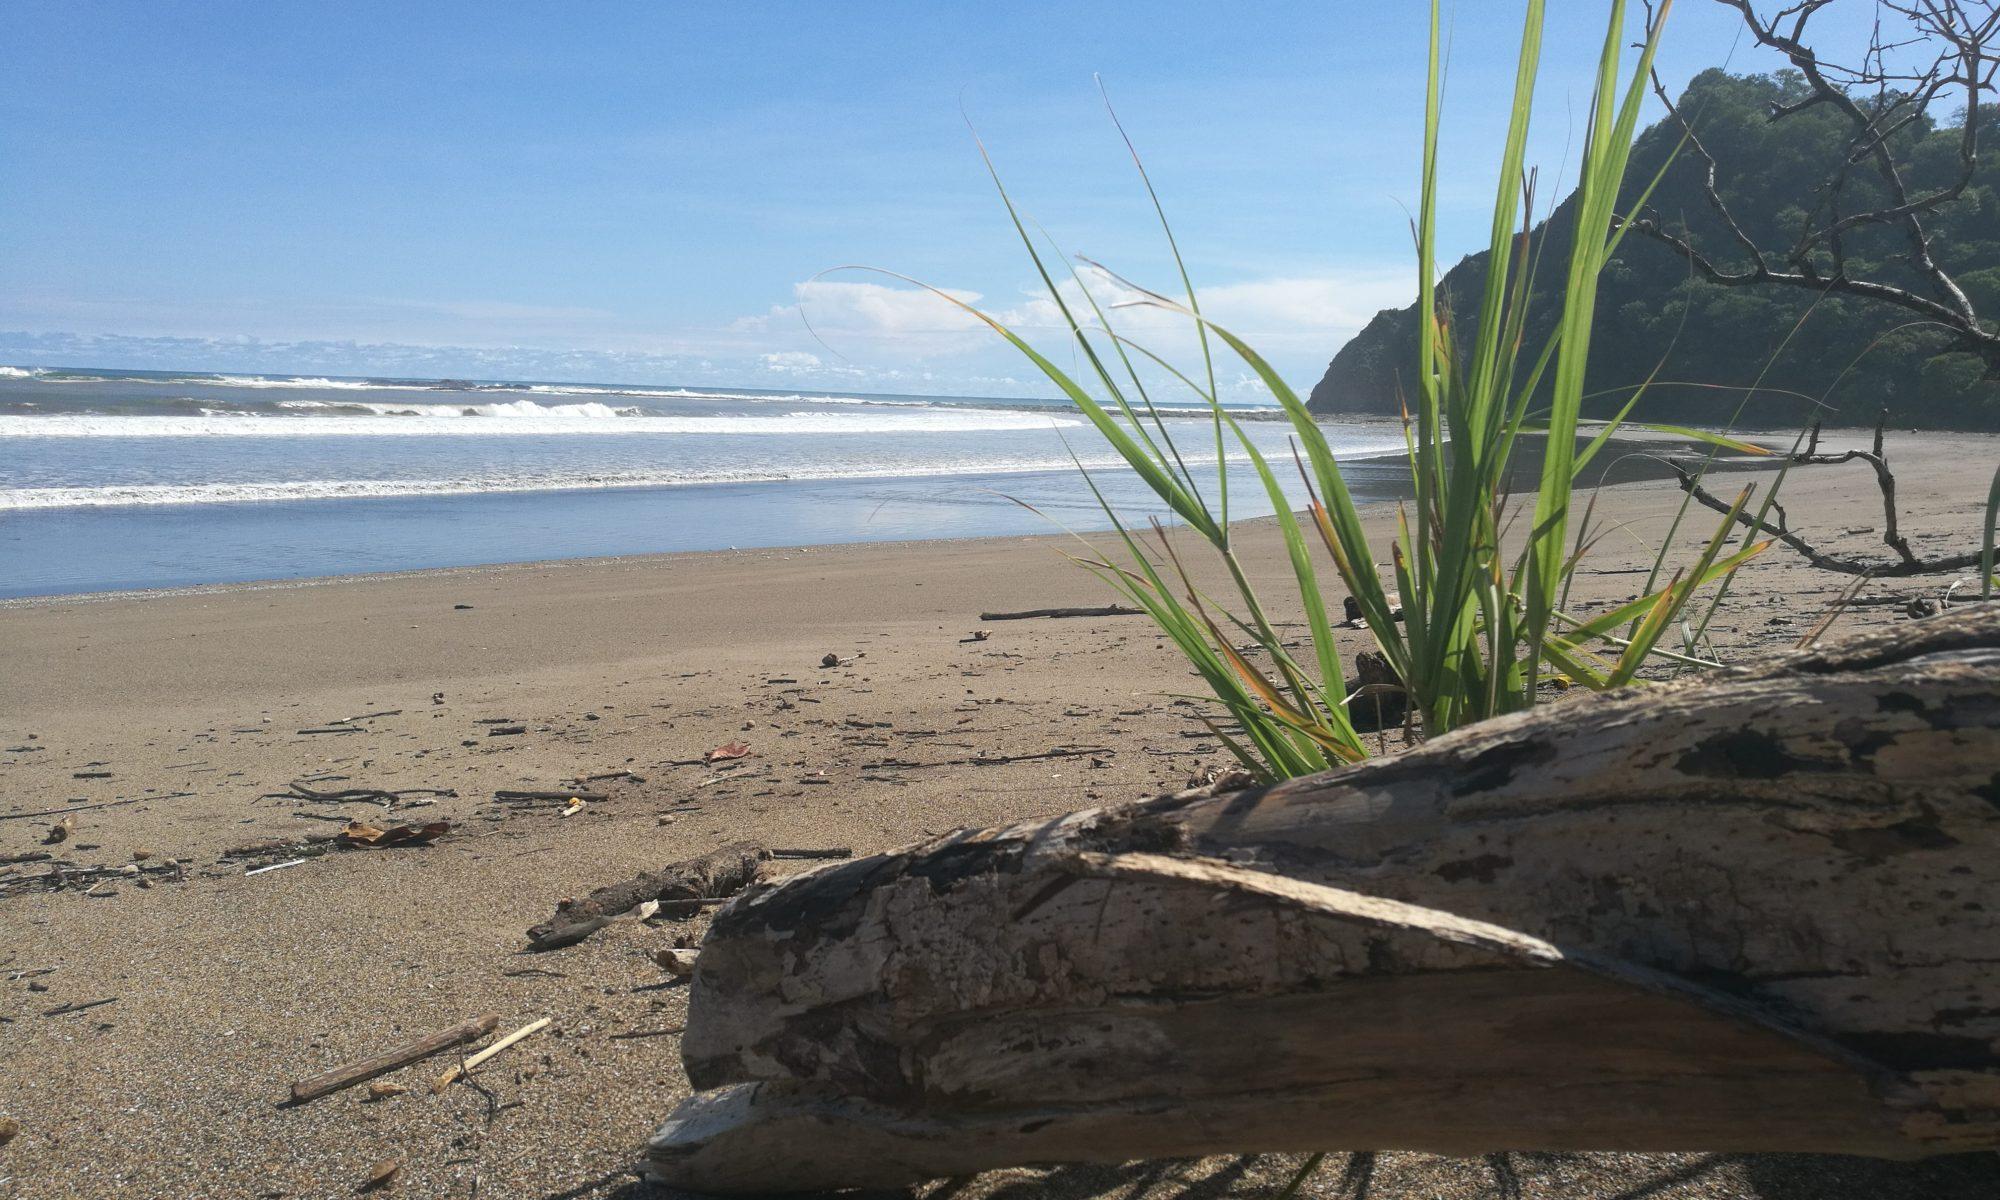 saubere Strände in Costa Rica